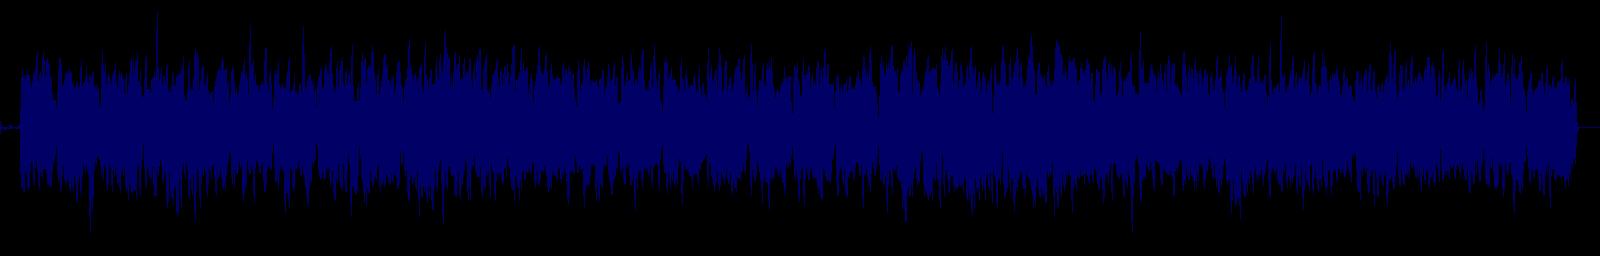 waveform of track #115603